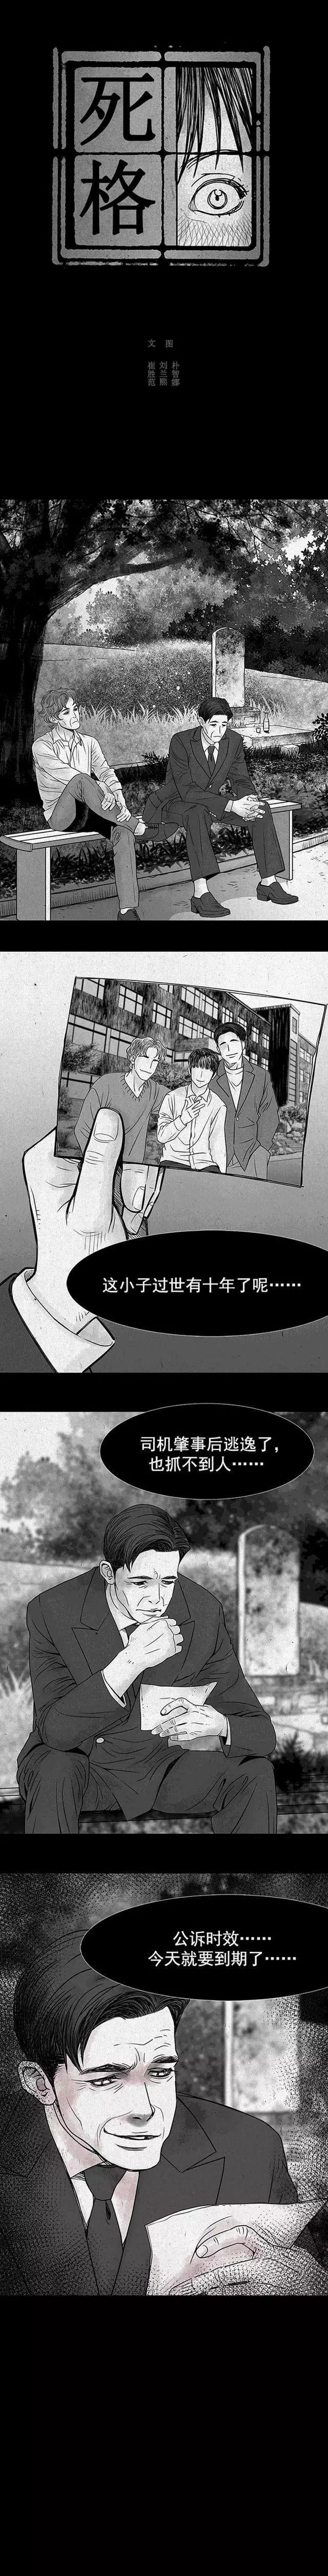 僵尸王漫画:死格之肇事逃逸